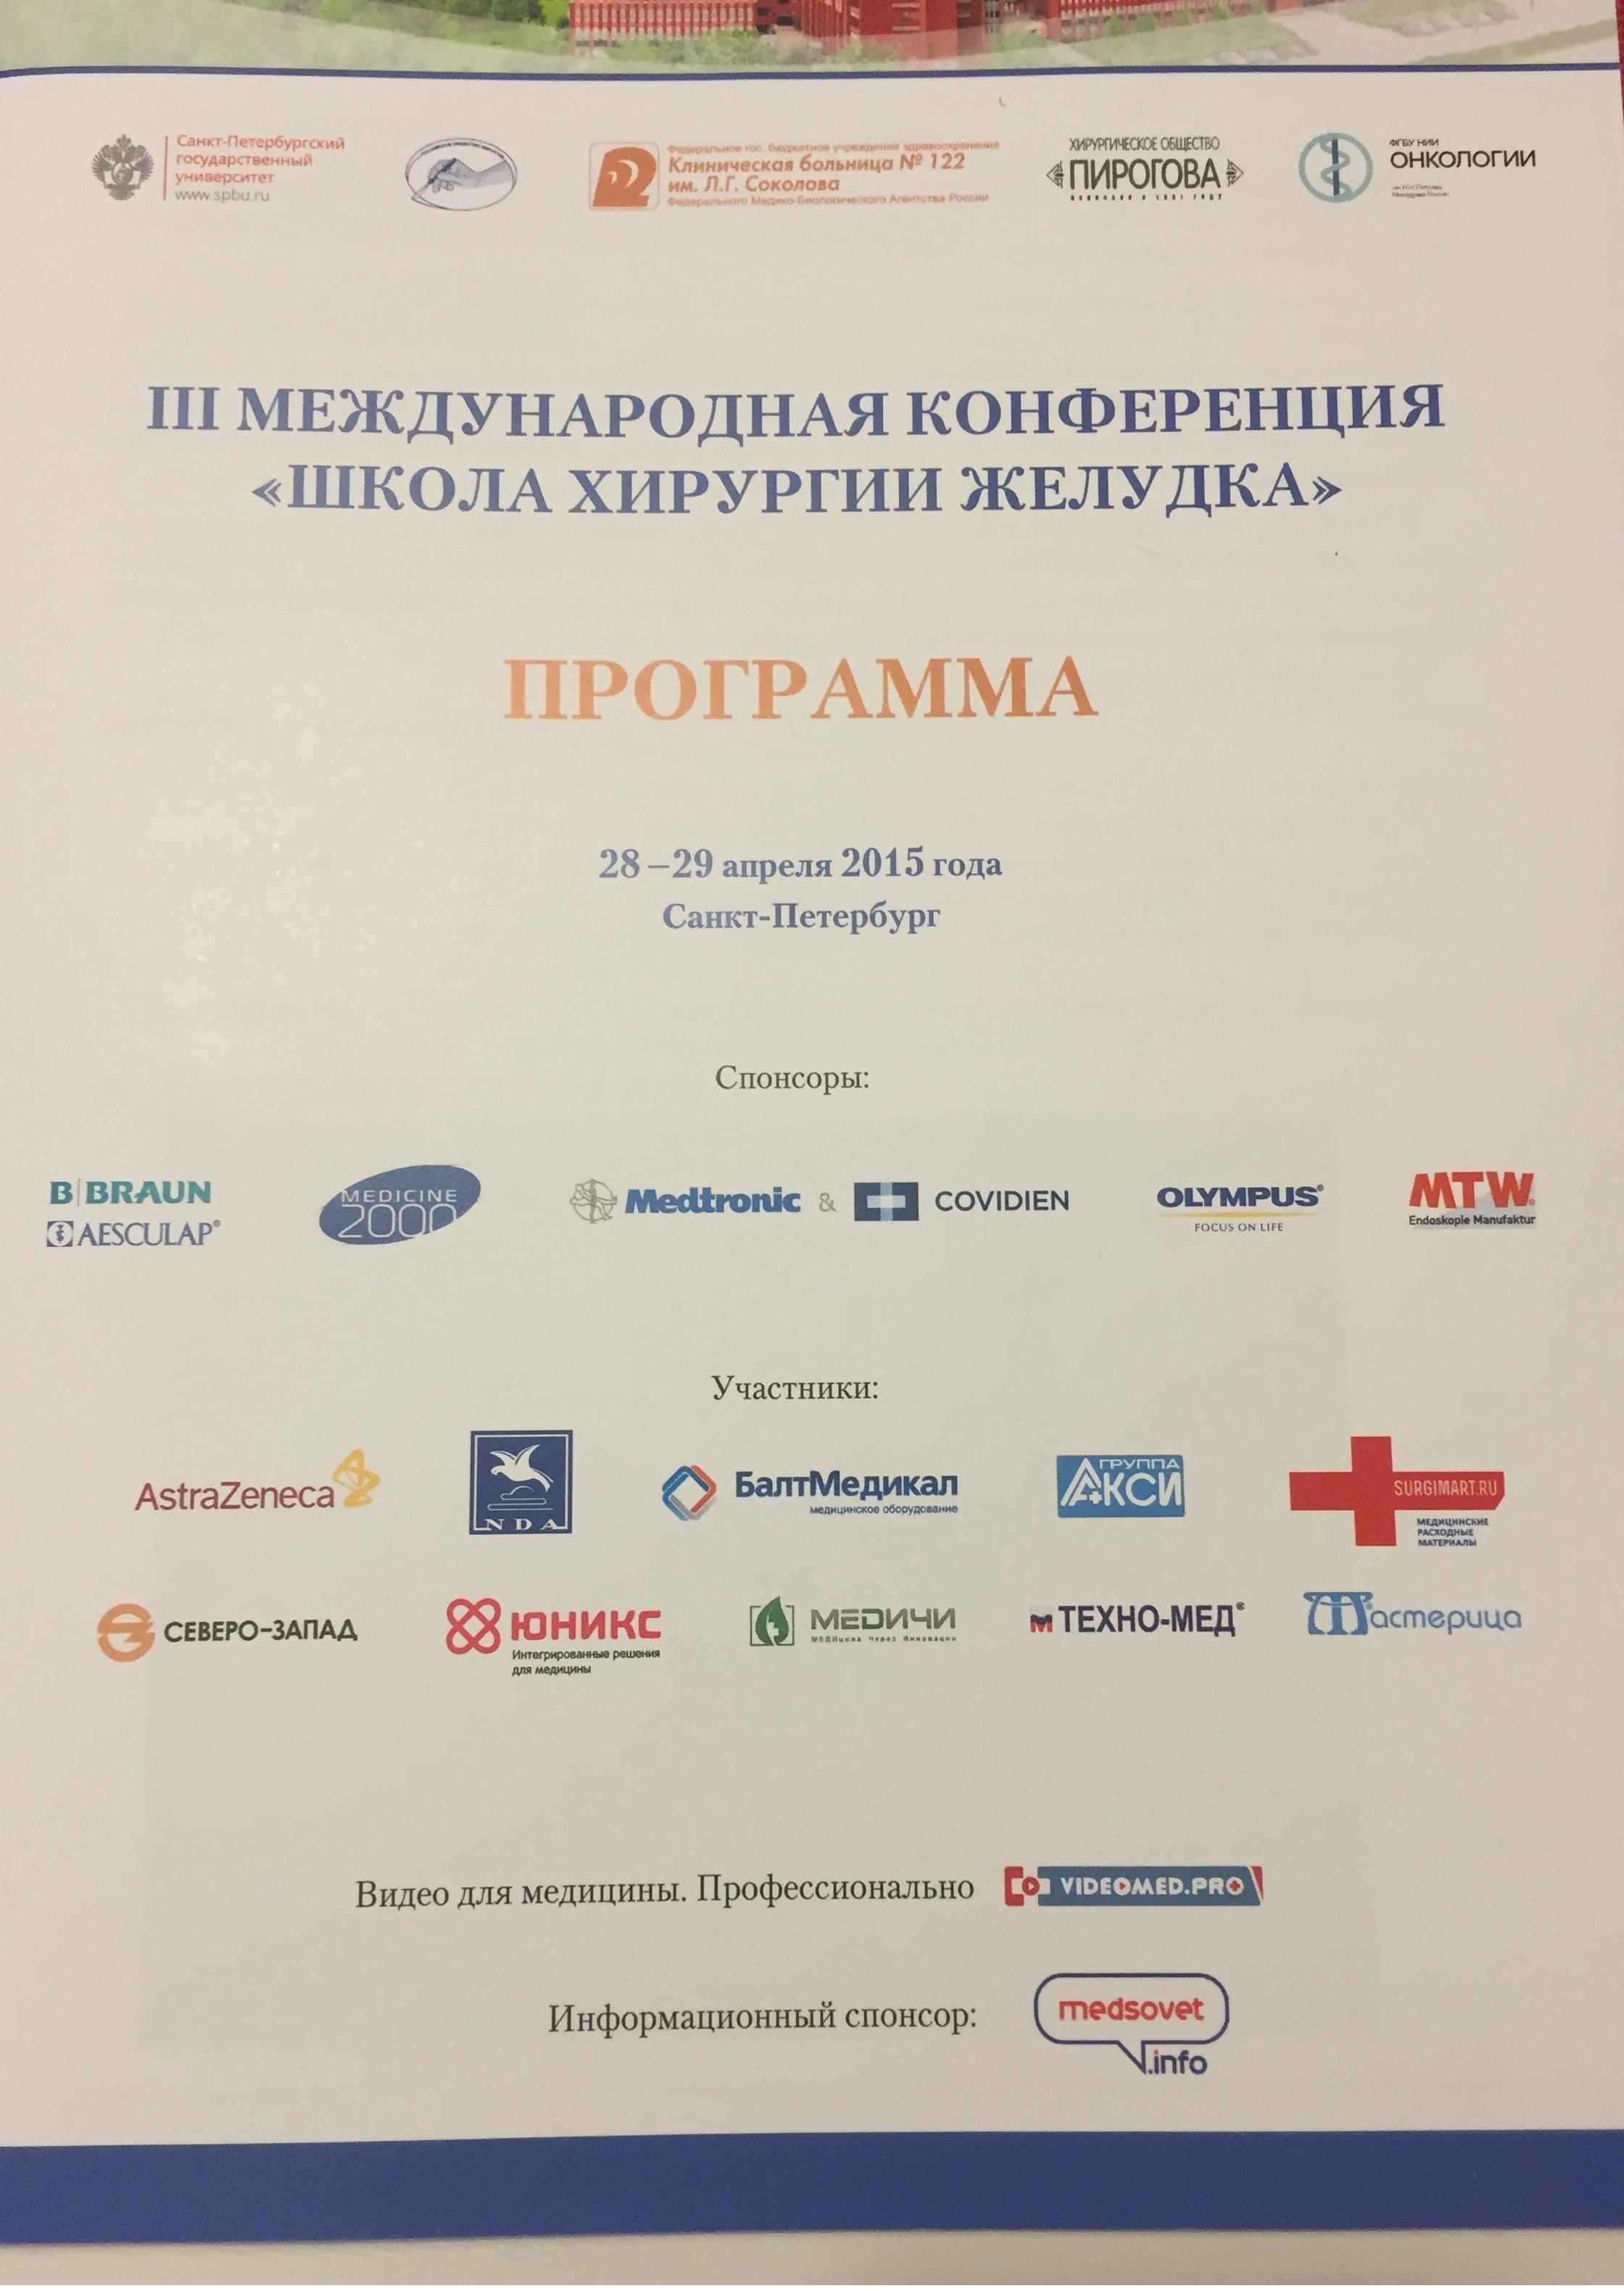 Участие в III МЕЖДУНАРОДНОЙ КОНФЕРЕНЦИИ «ШКОЛА ХИРУРГИИ ЖЕЛУДКА» (Санкт-Петербург, 28-29 апреля 2015 года)